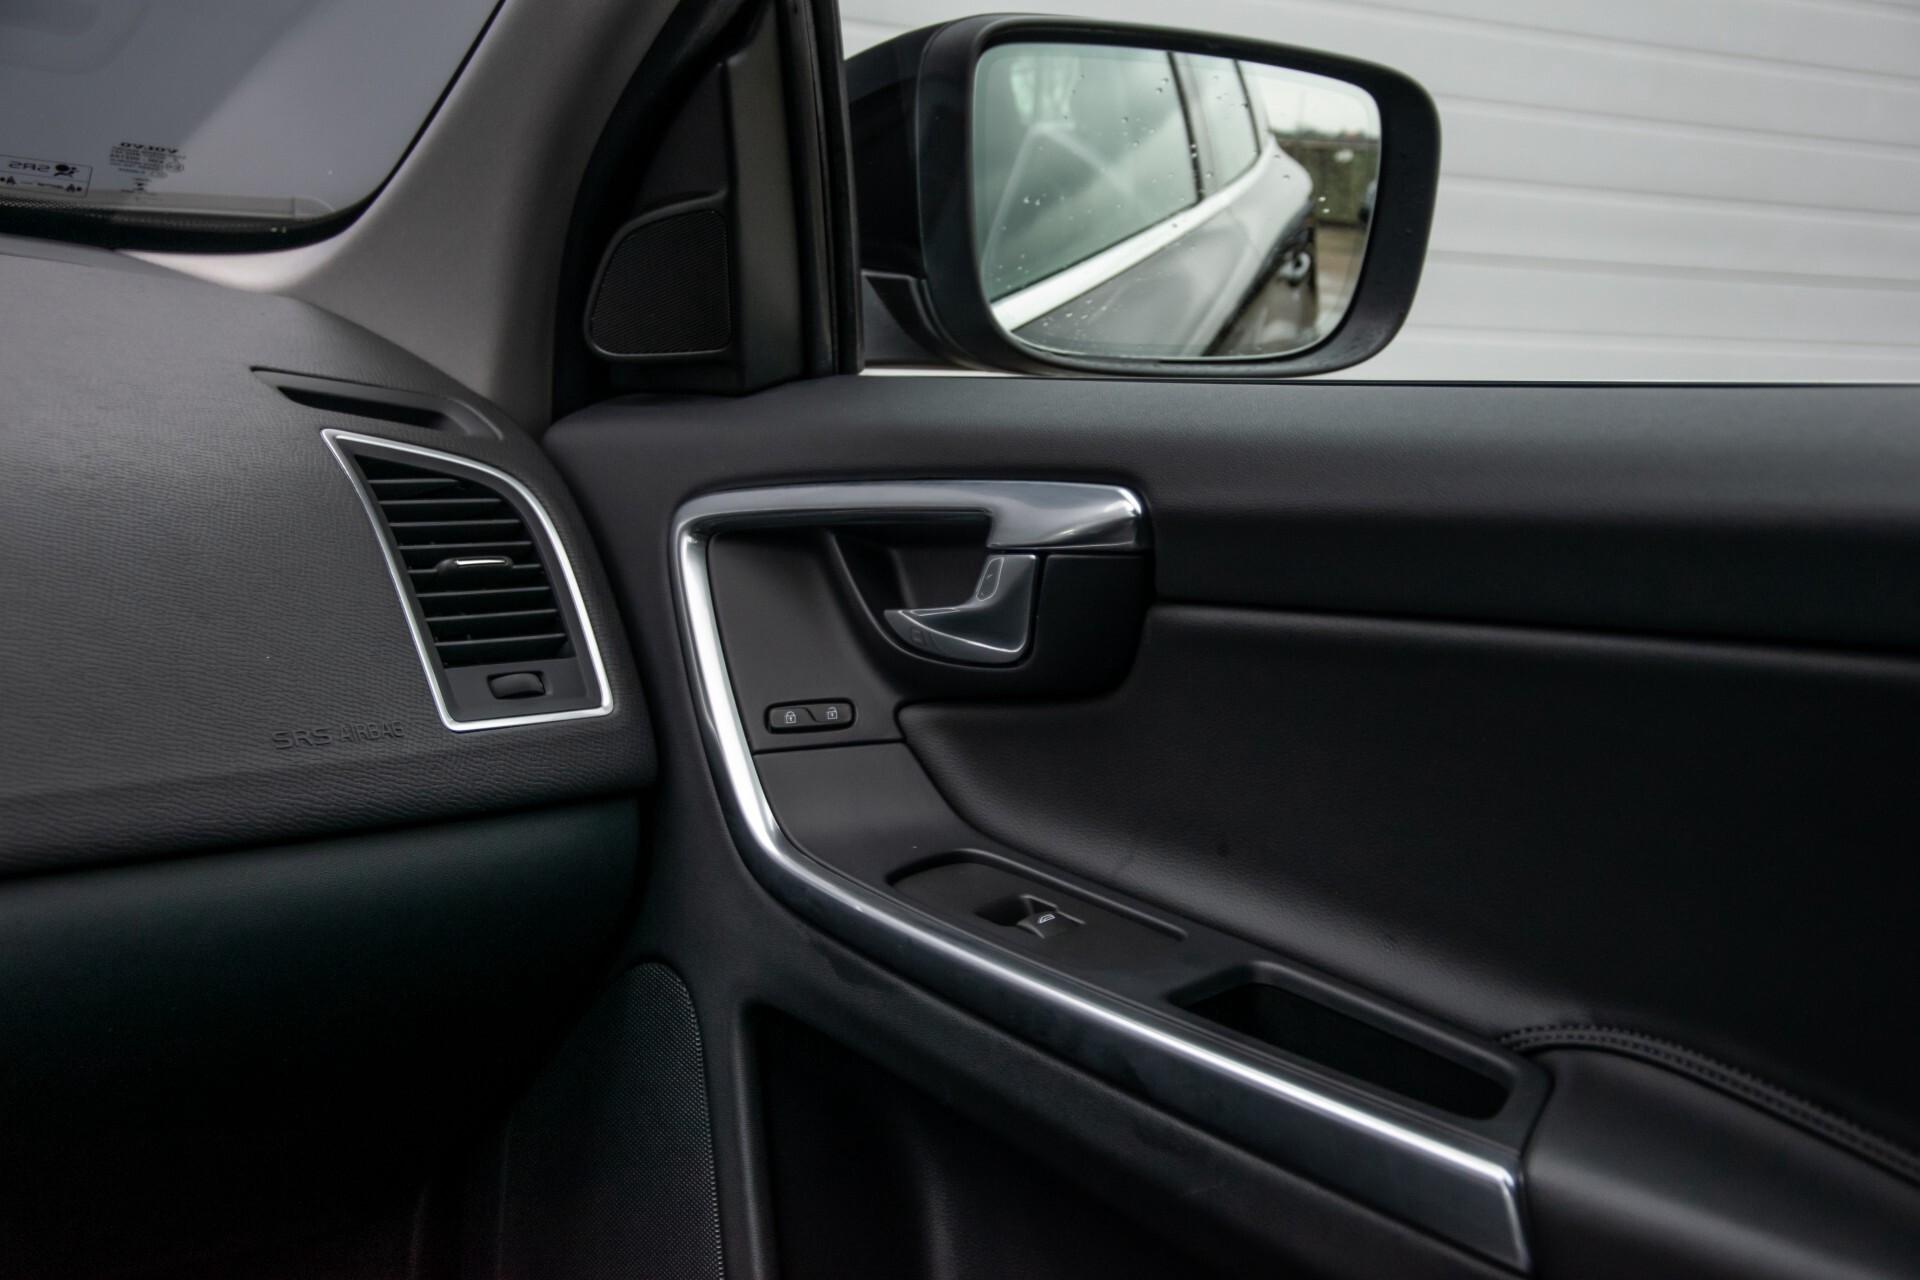 Volvo XC60 2.0 T5 FWD Ocean Race Panorama/Leer/Dealer OH Aut8 Foto 37